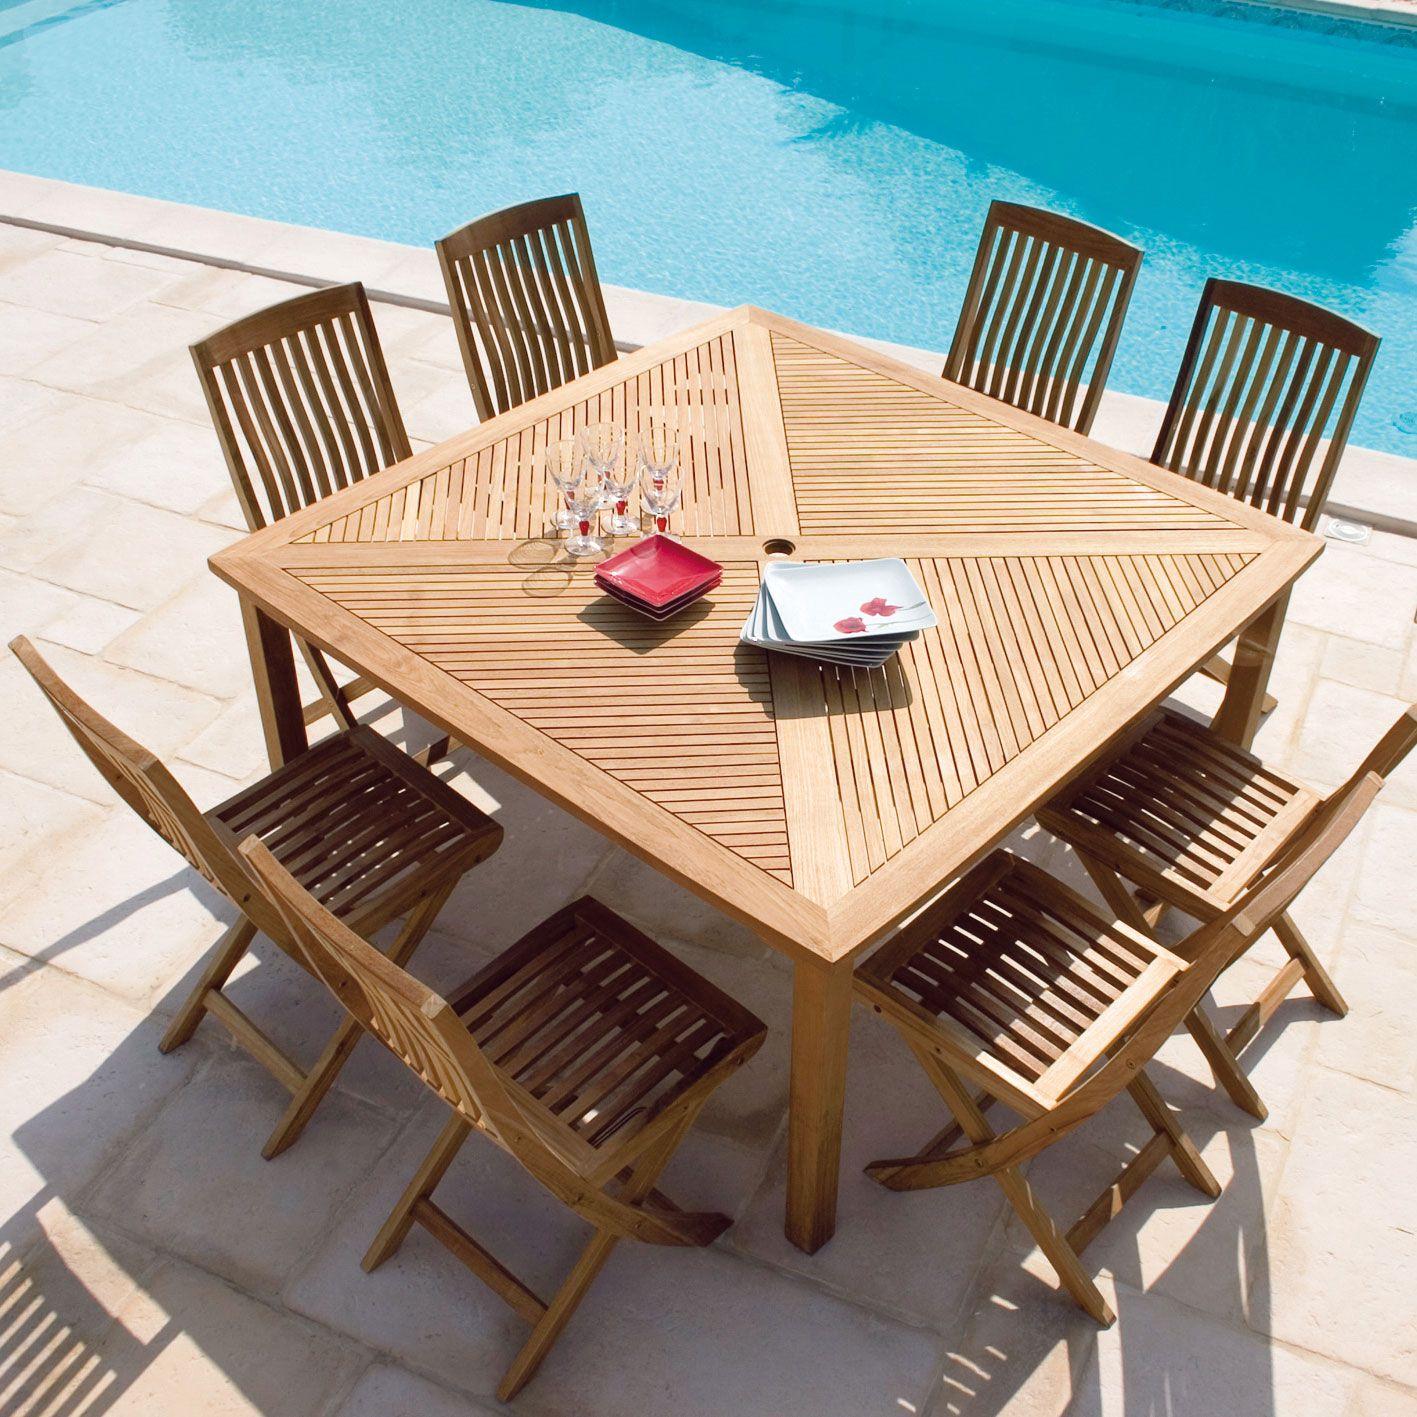 fabriquer une table en bois pour exterieur google search - Jardin En Carre Bois